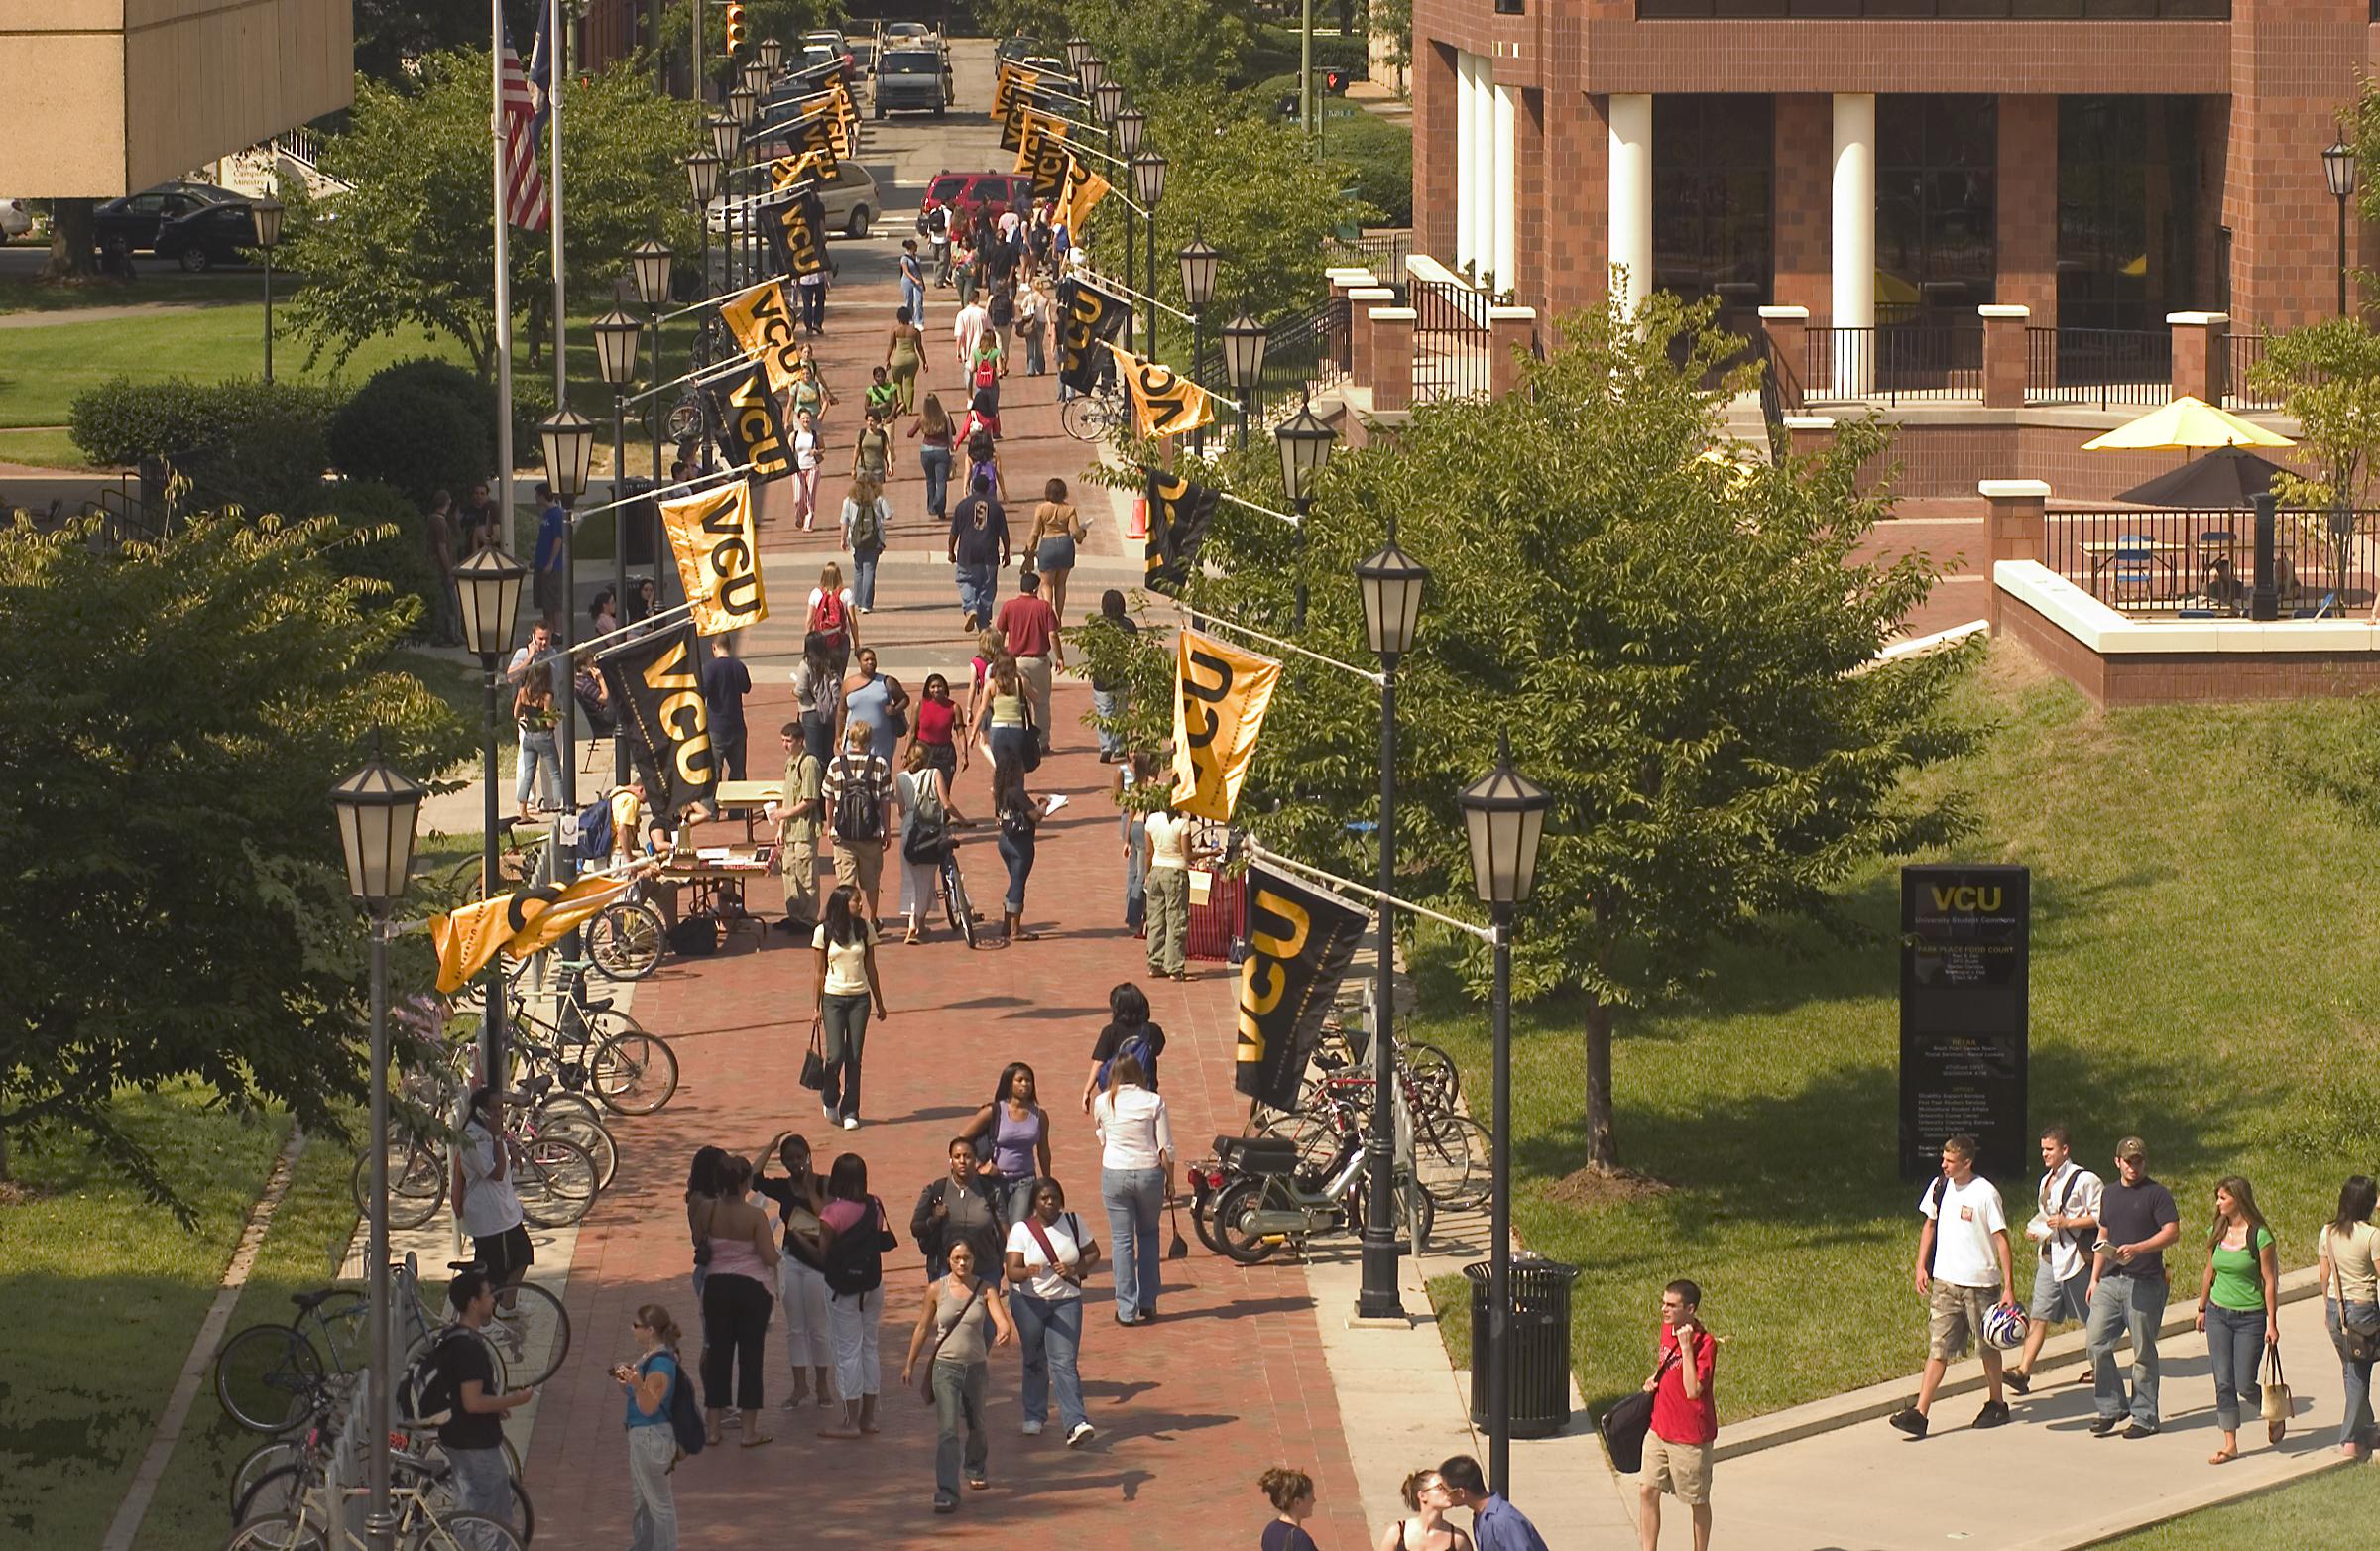 Vcu campus 1